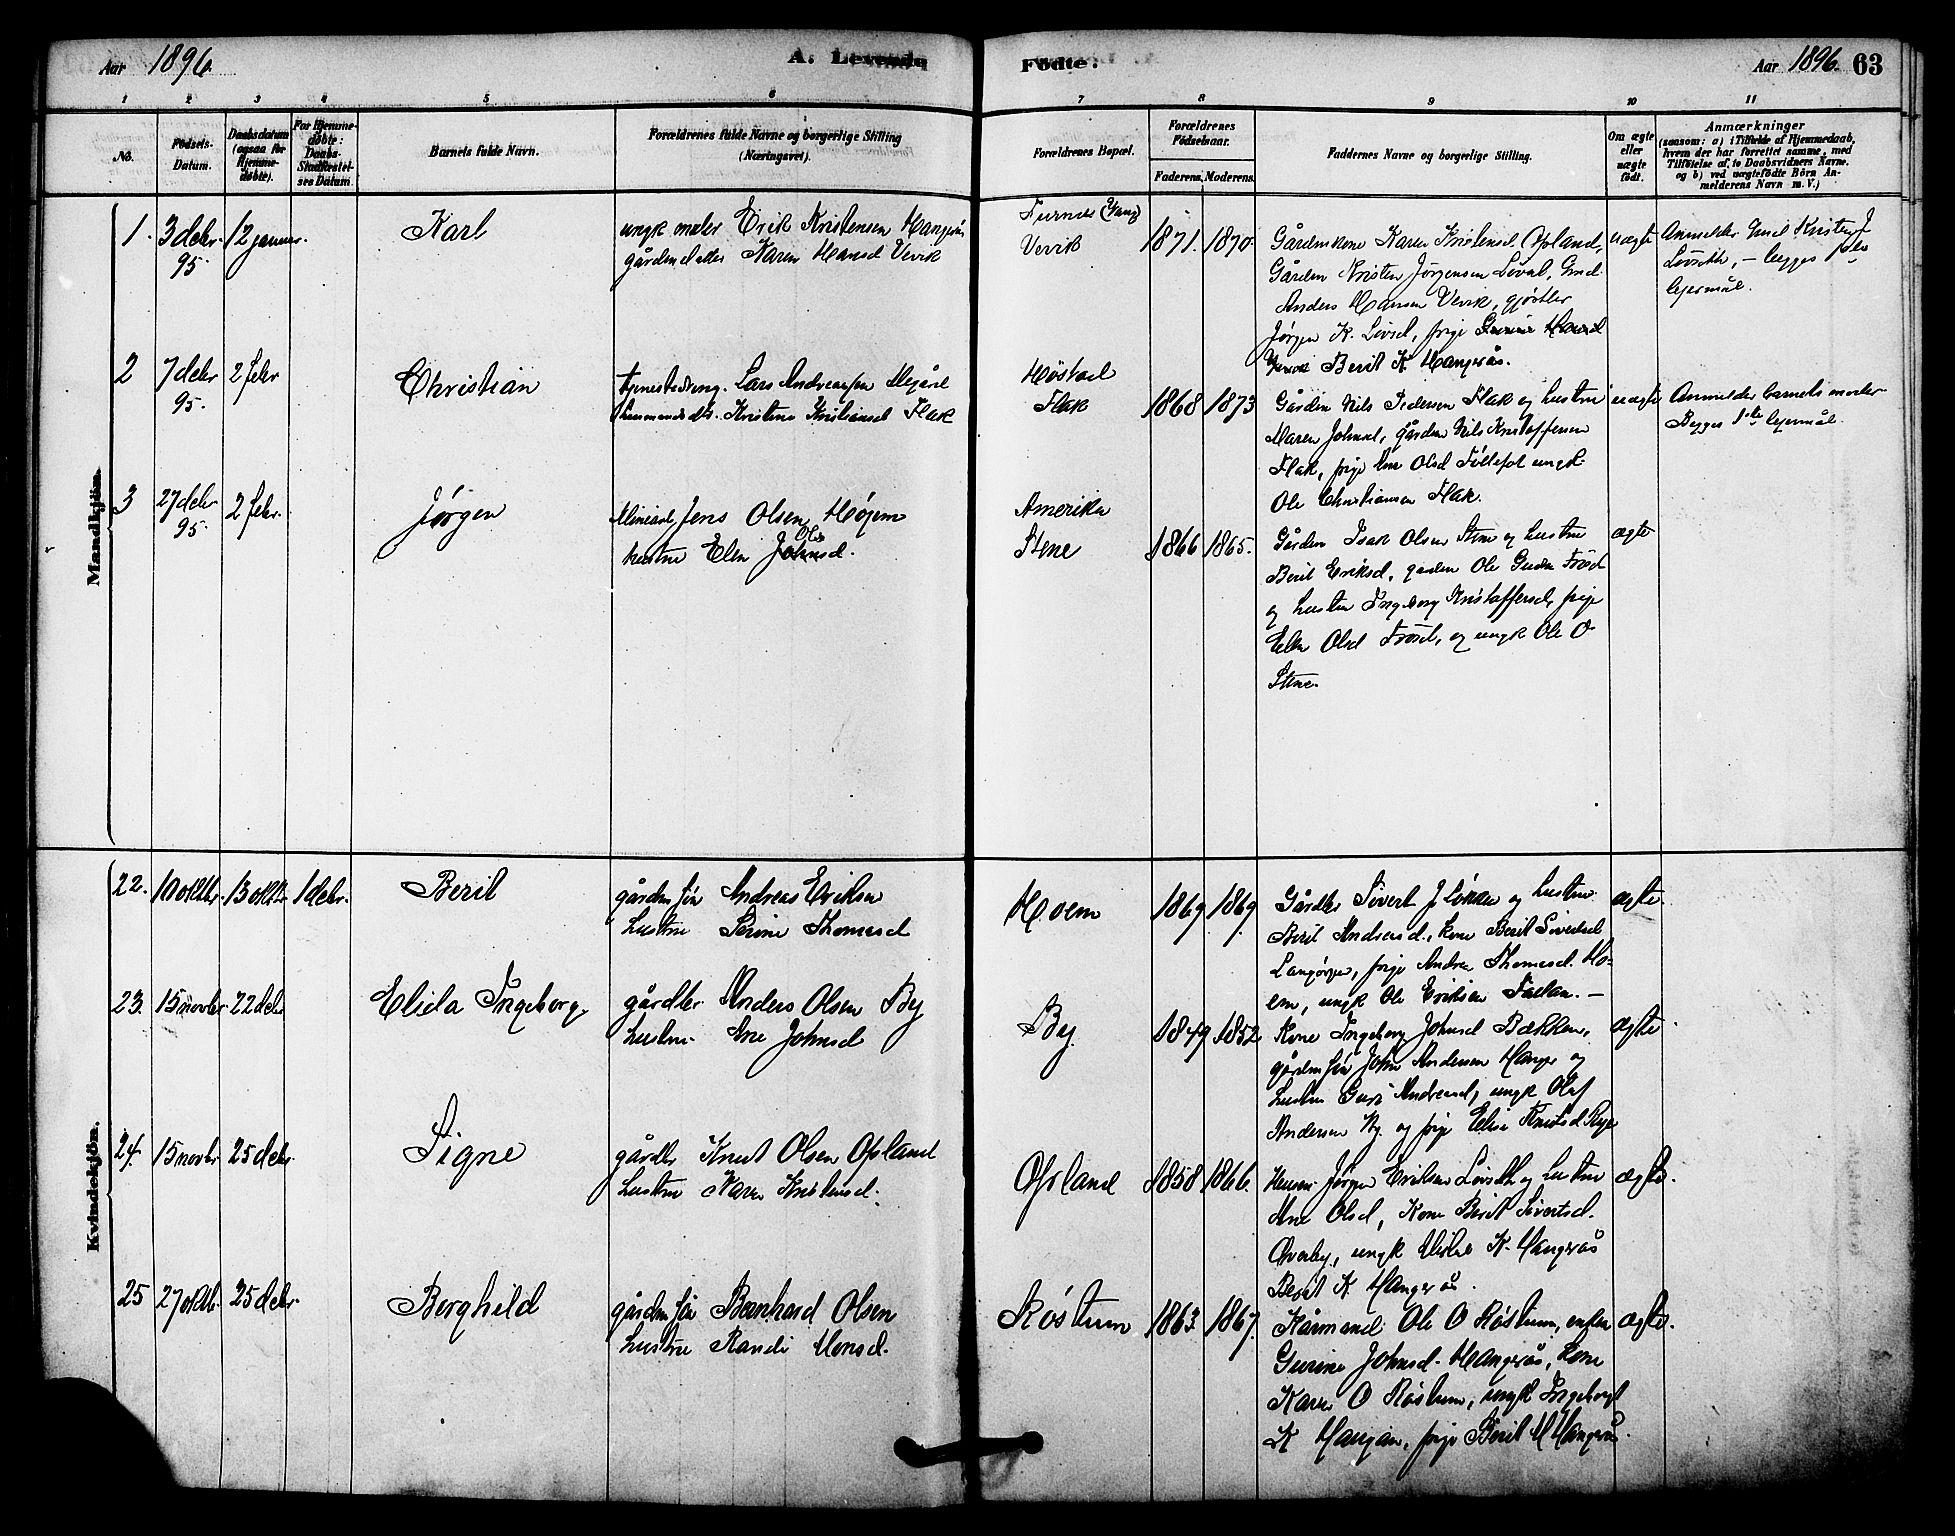 SAT, Ministerialprotokoller, klokkerbøker og fødselsregistre - Sør-Trøndelag, 612/L0378: Ministerialbok nr. 612A10, 1878-1897, s. 63